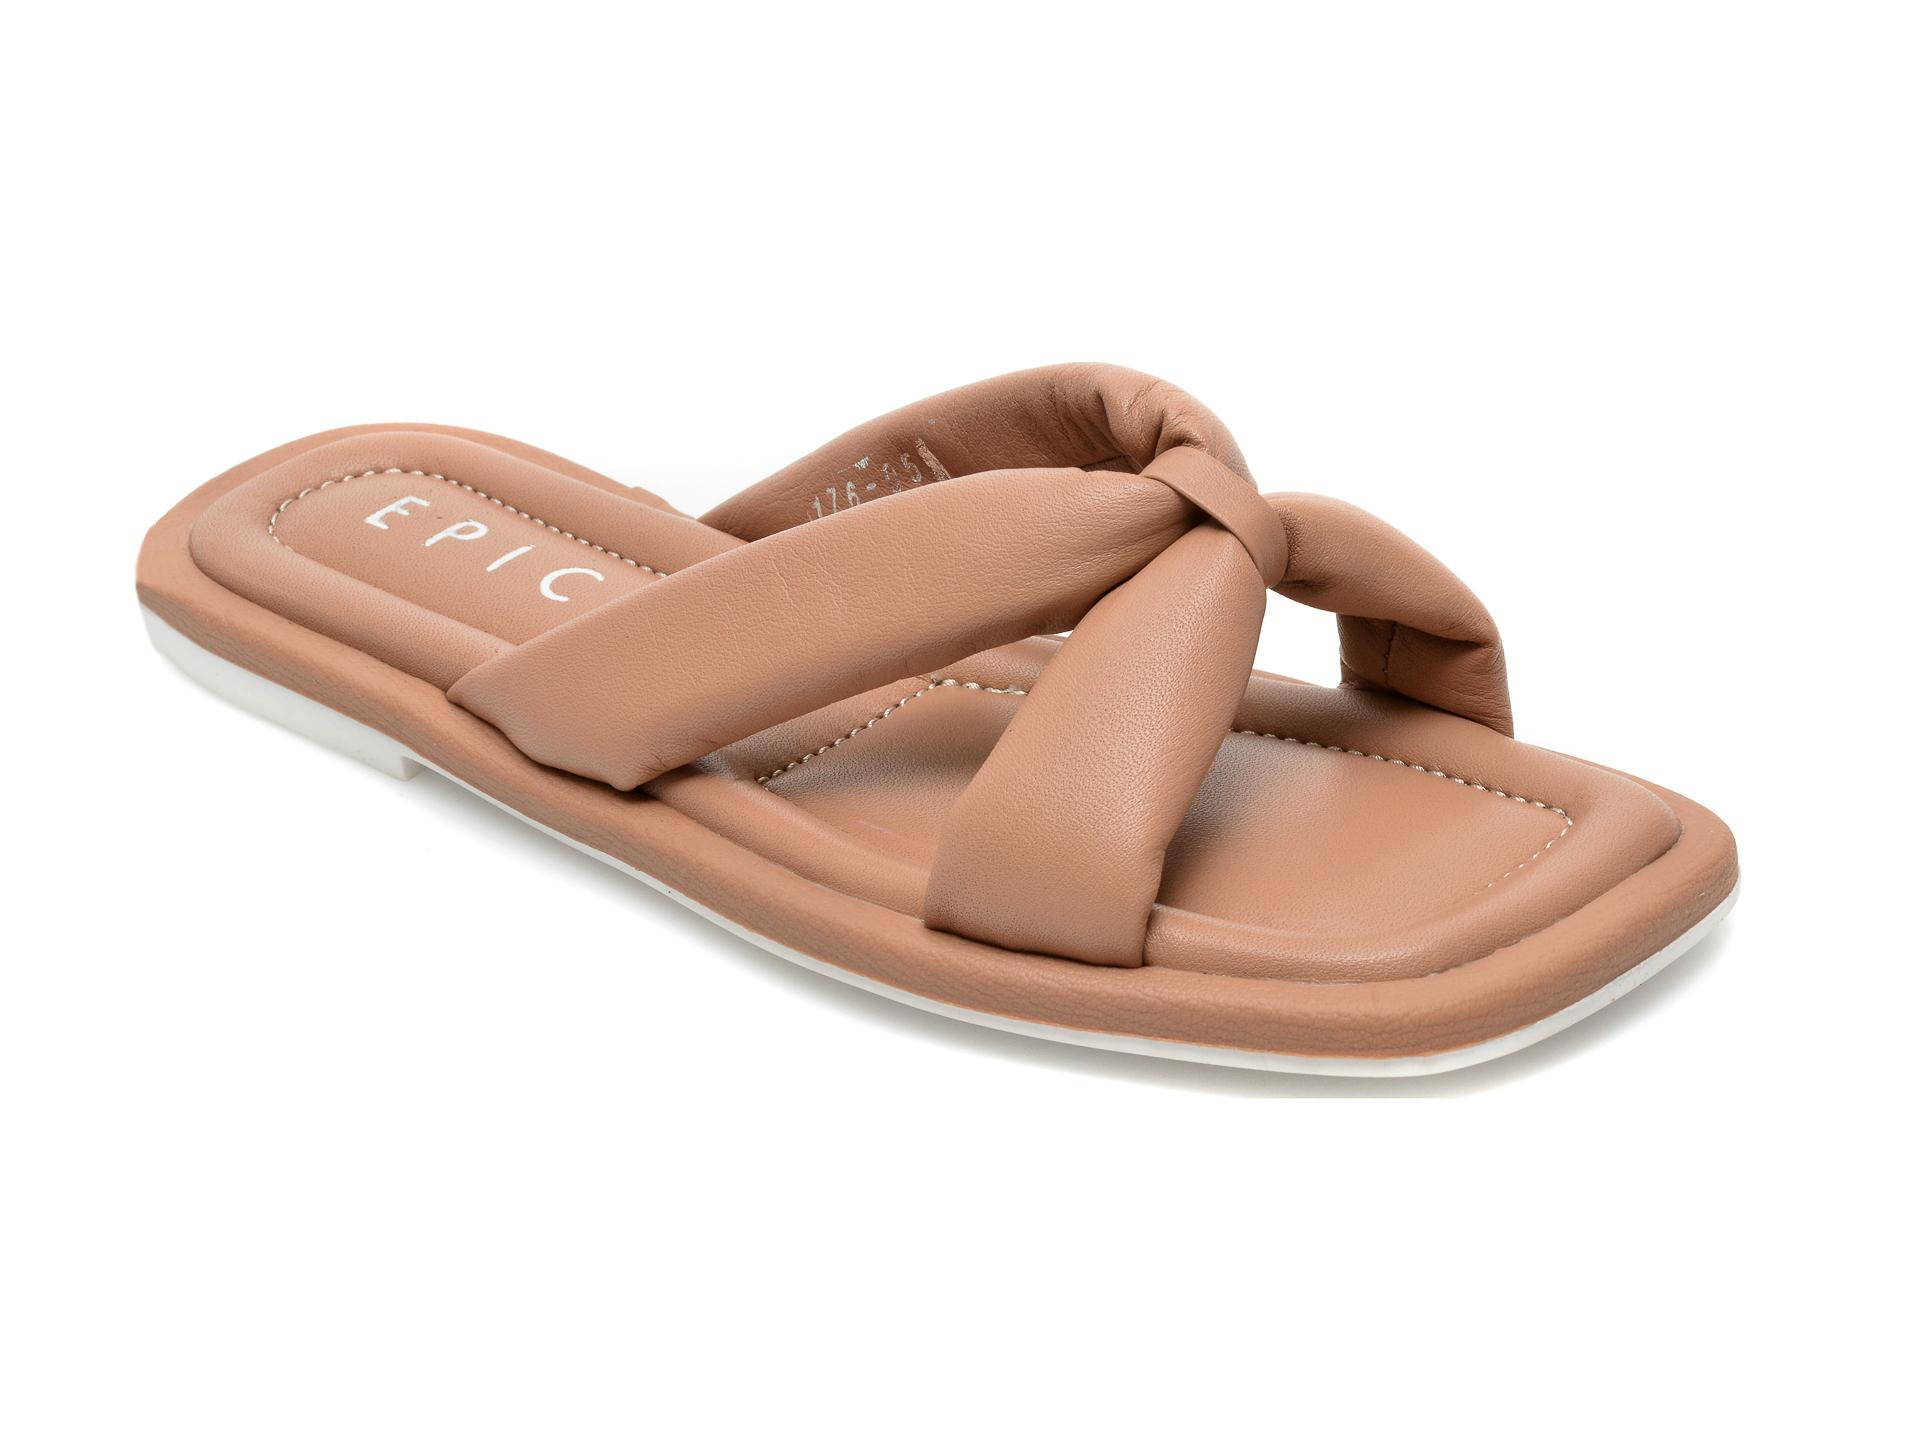 Papuci EPICA maro, 17605, din piele naturala imagine otter.ro 2021